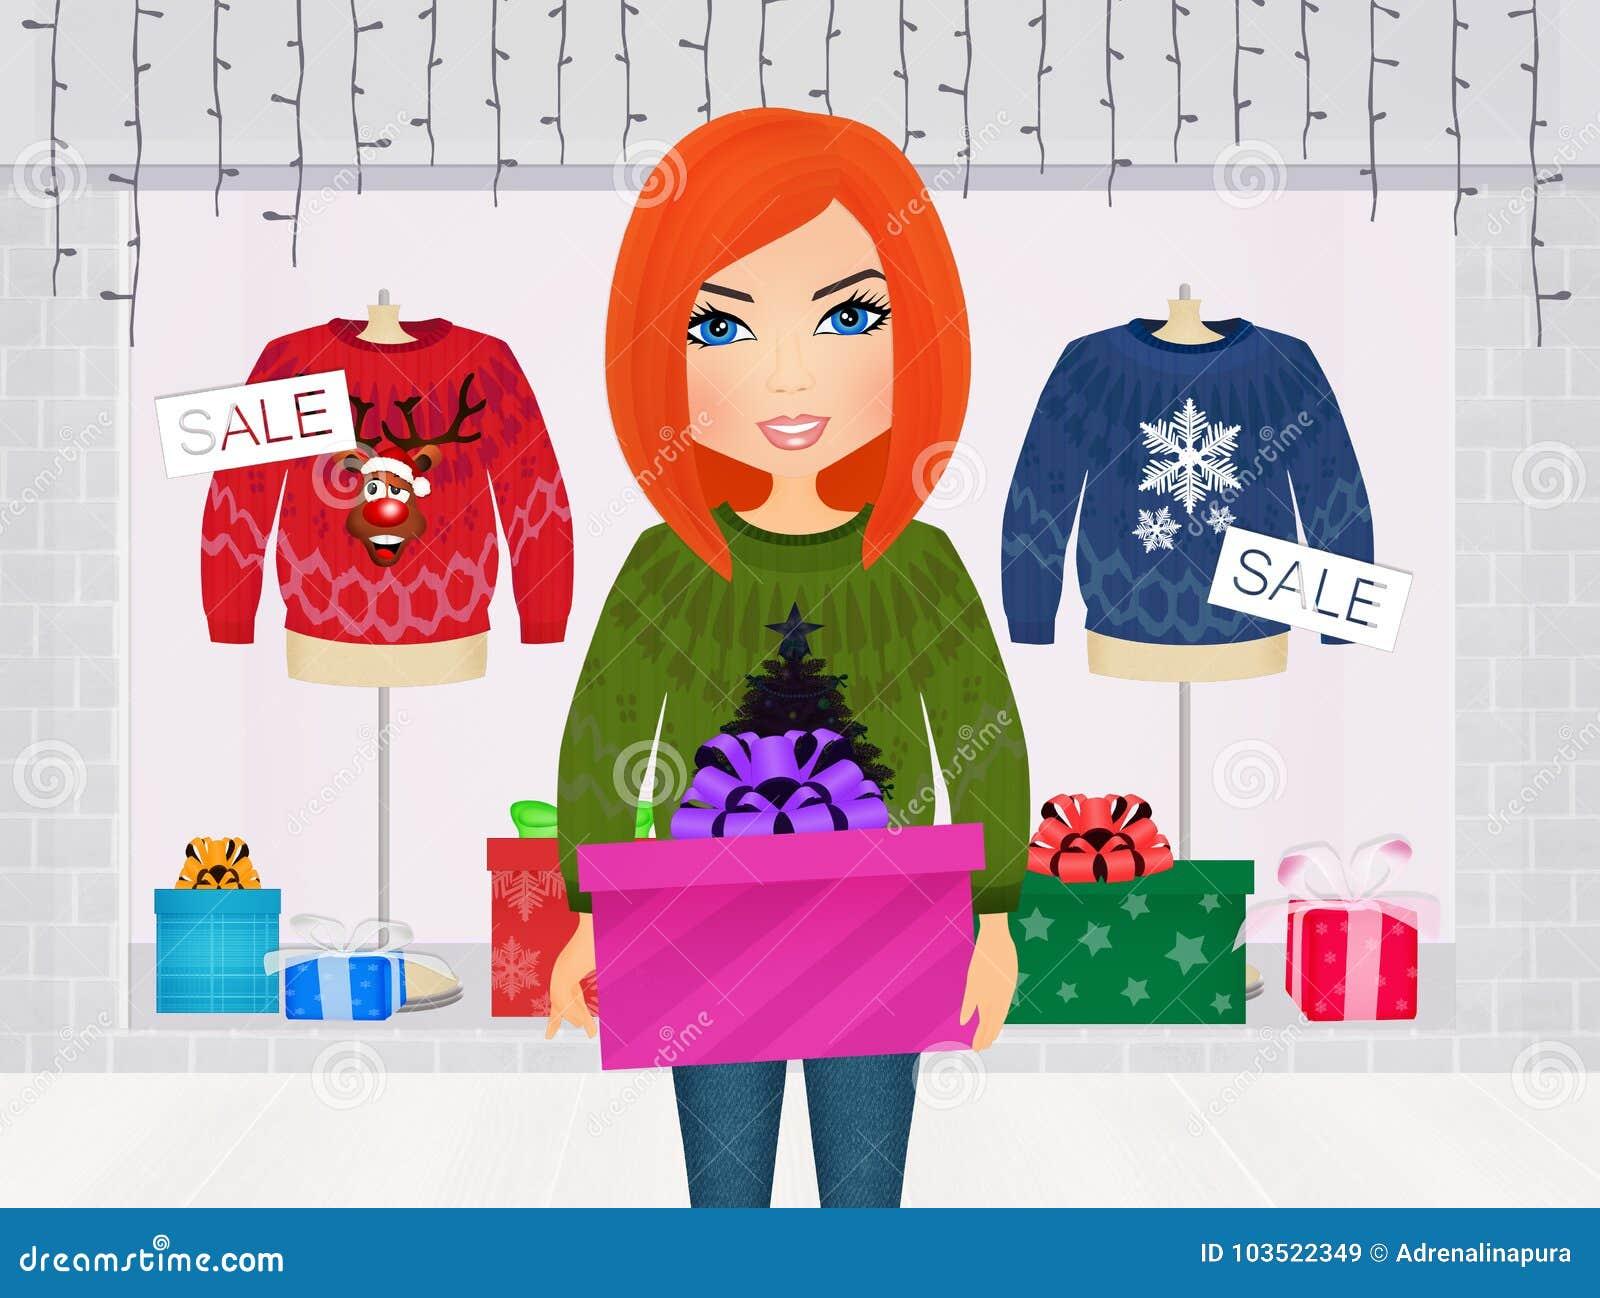 Girl Christmas shopping stock illustration. Illustration of retail ...